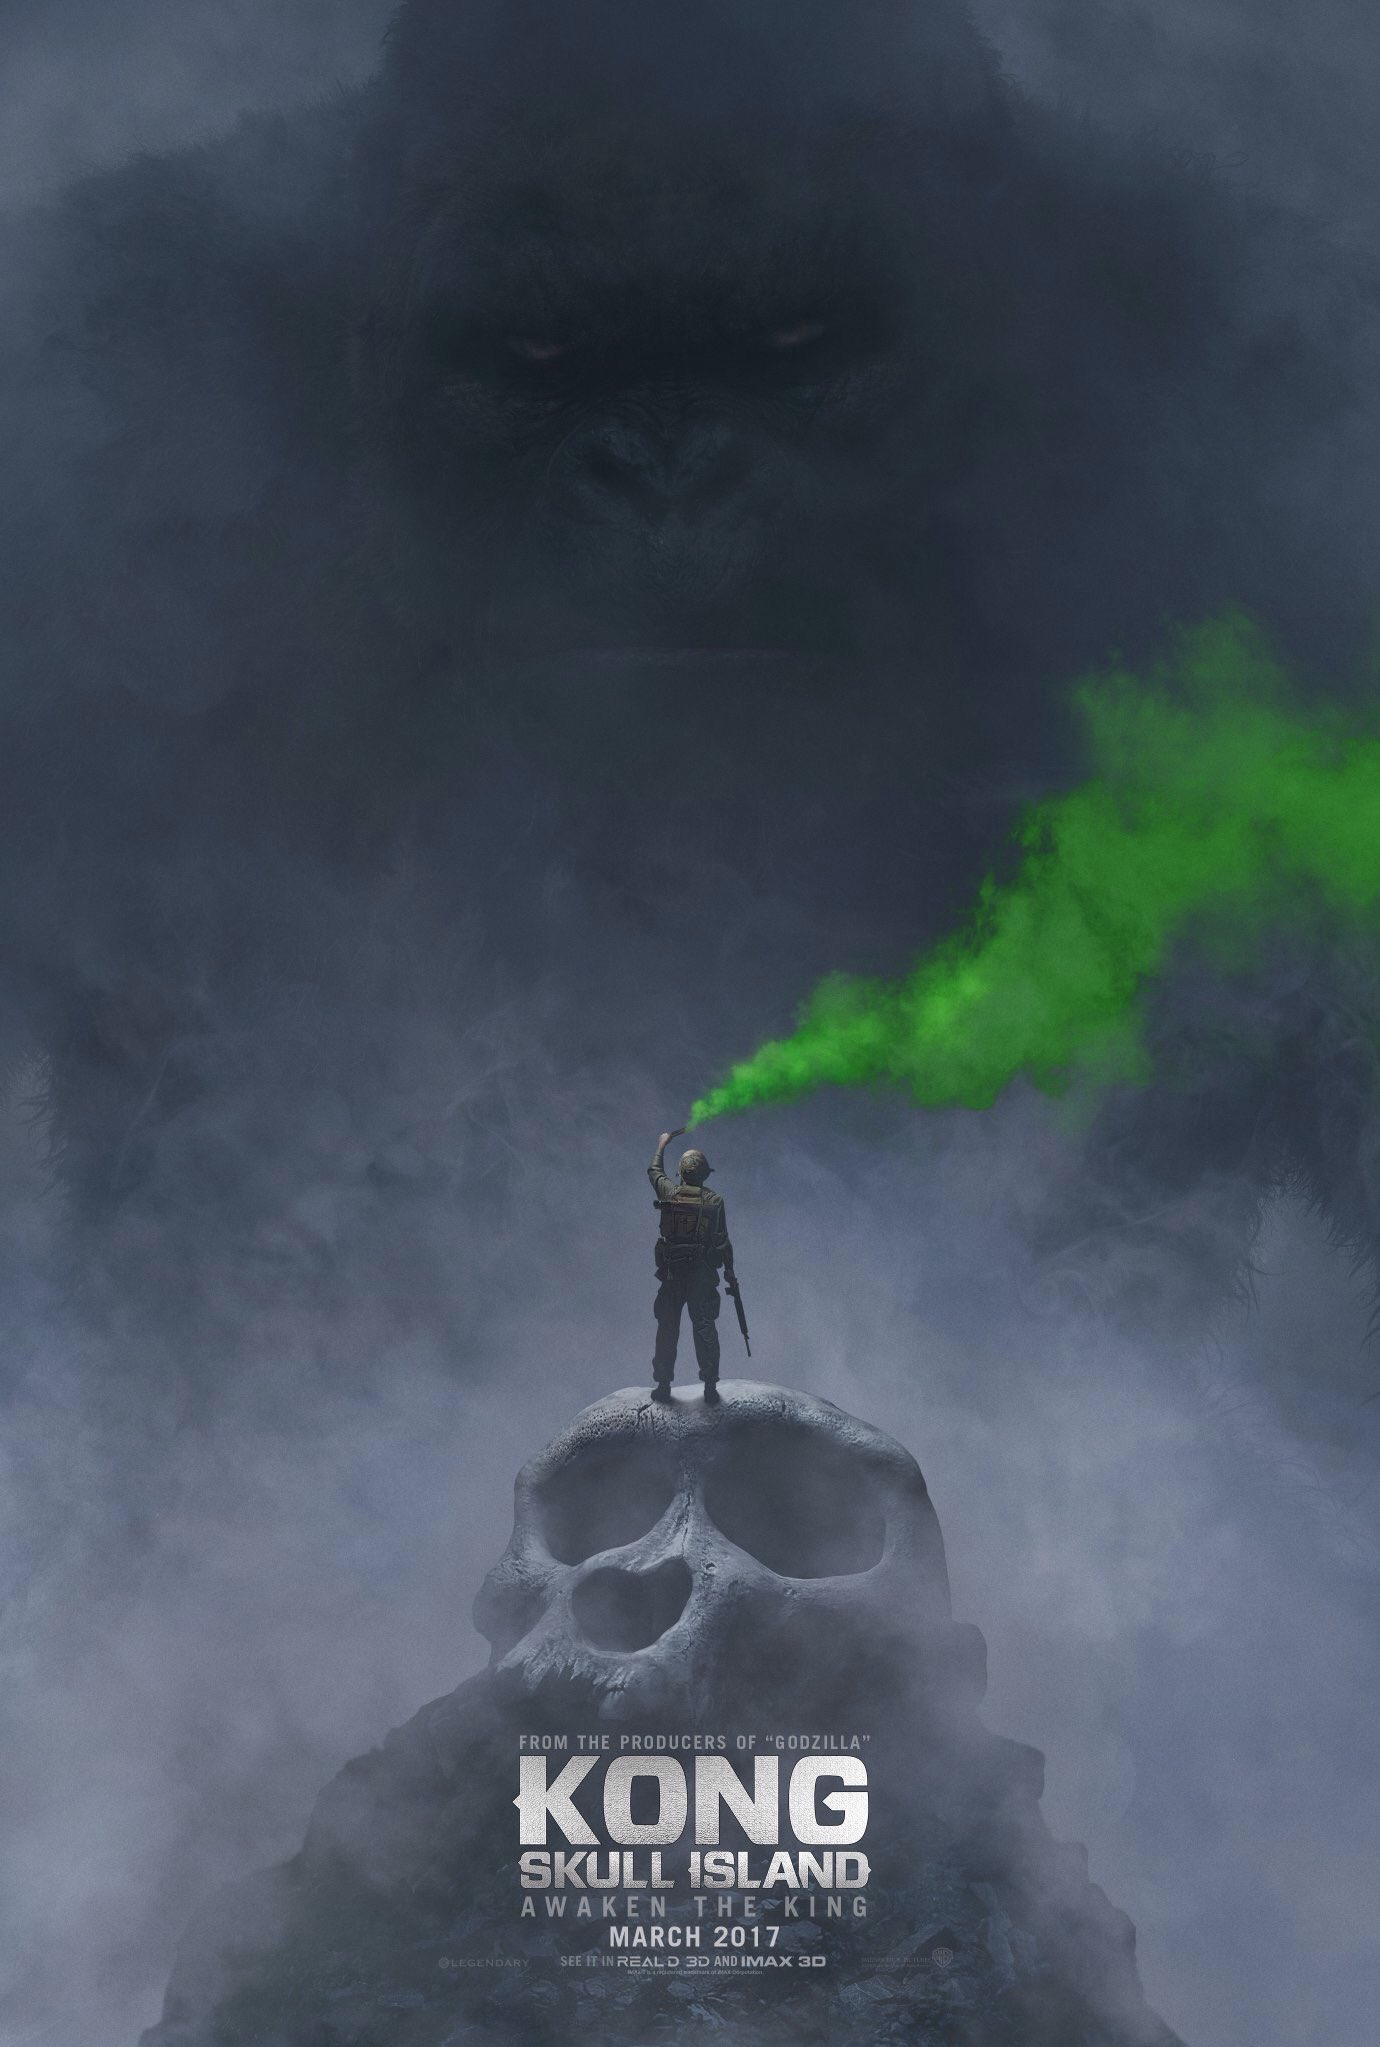 kong-skull-island-teaser-poster